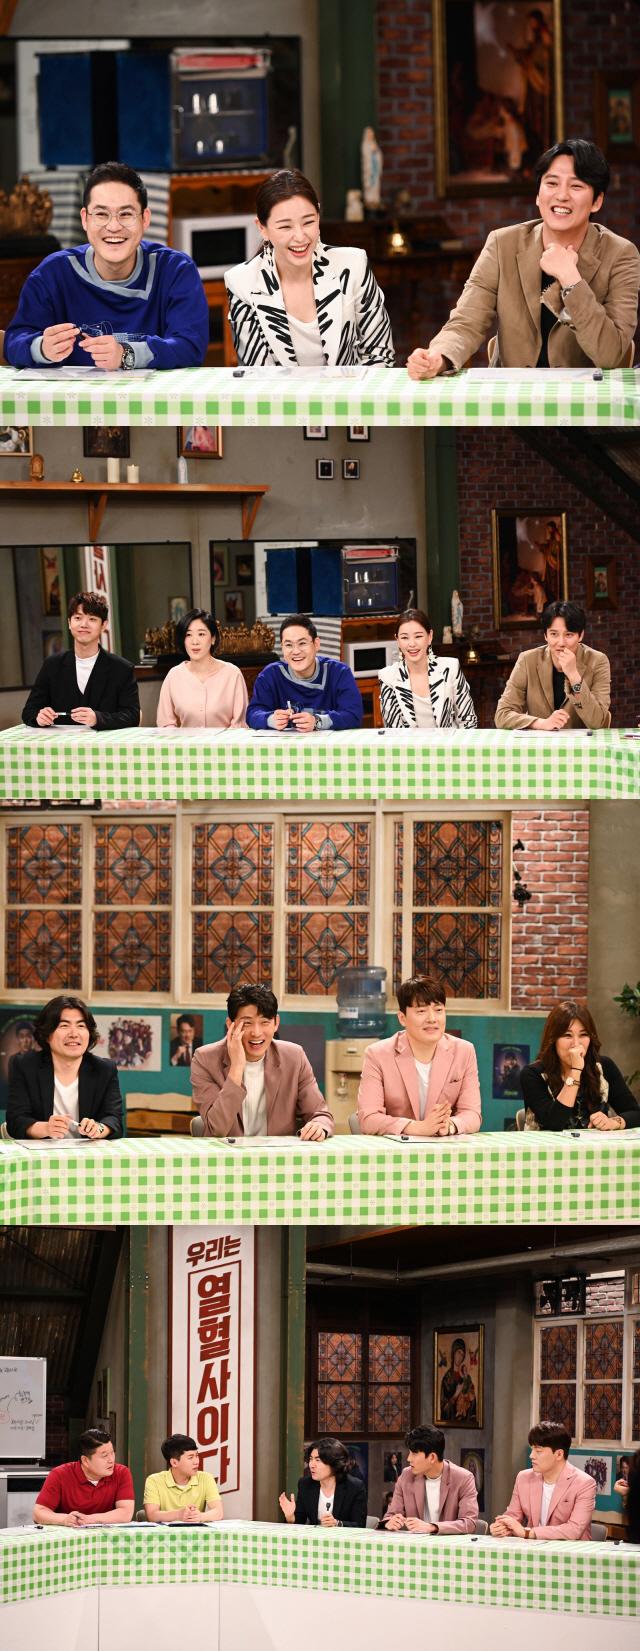 '열혈사제' 특집, '우리는 열혈 사이다' 김남길X이하늬 등 배우 총출동